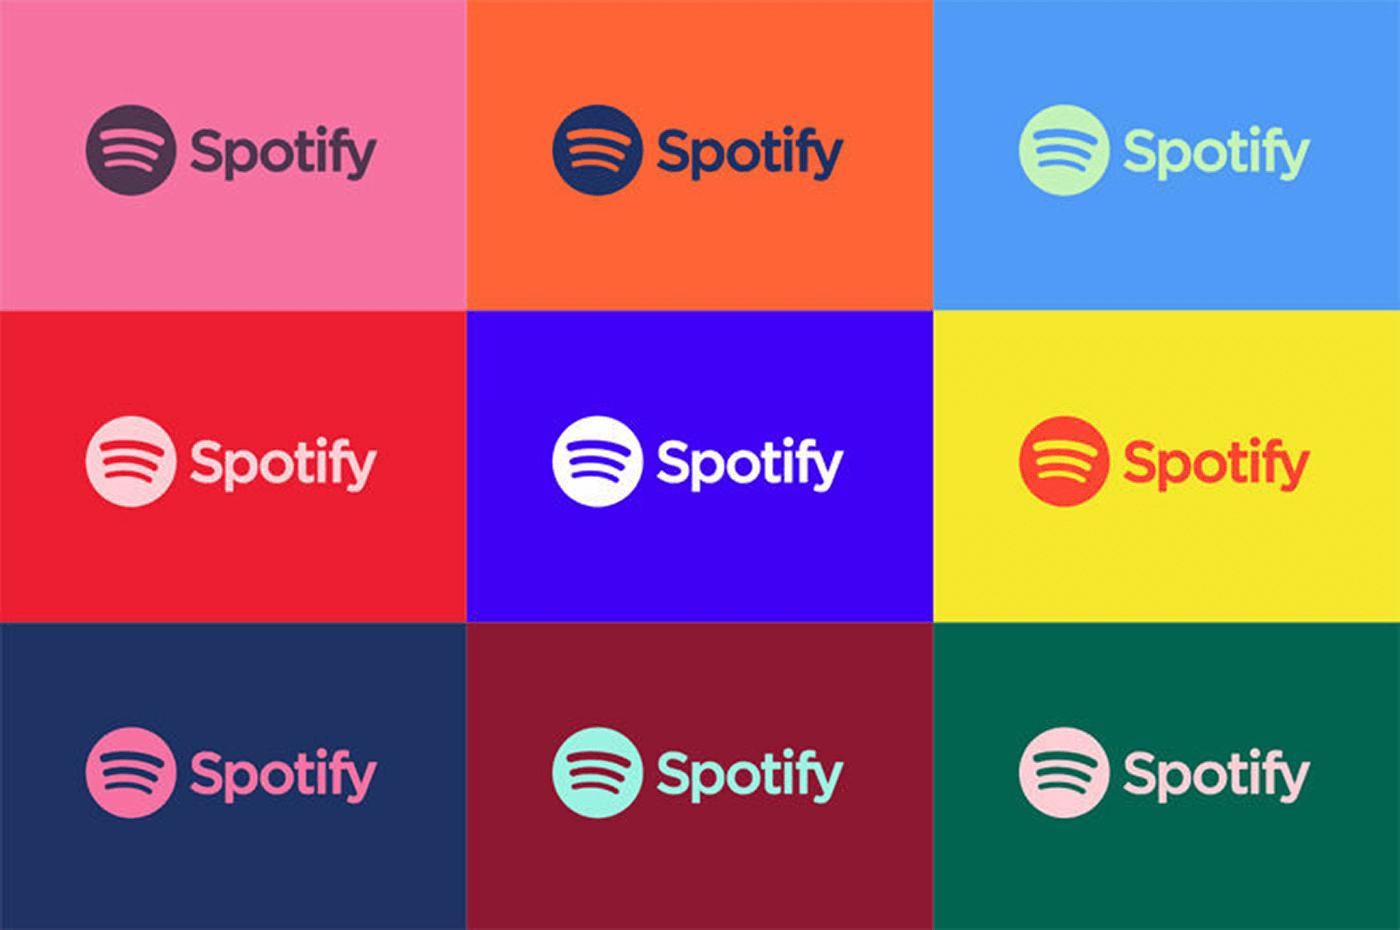 rebranding logo spotify